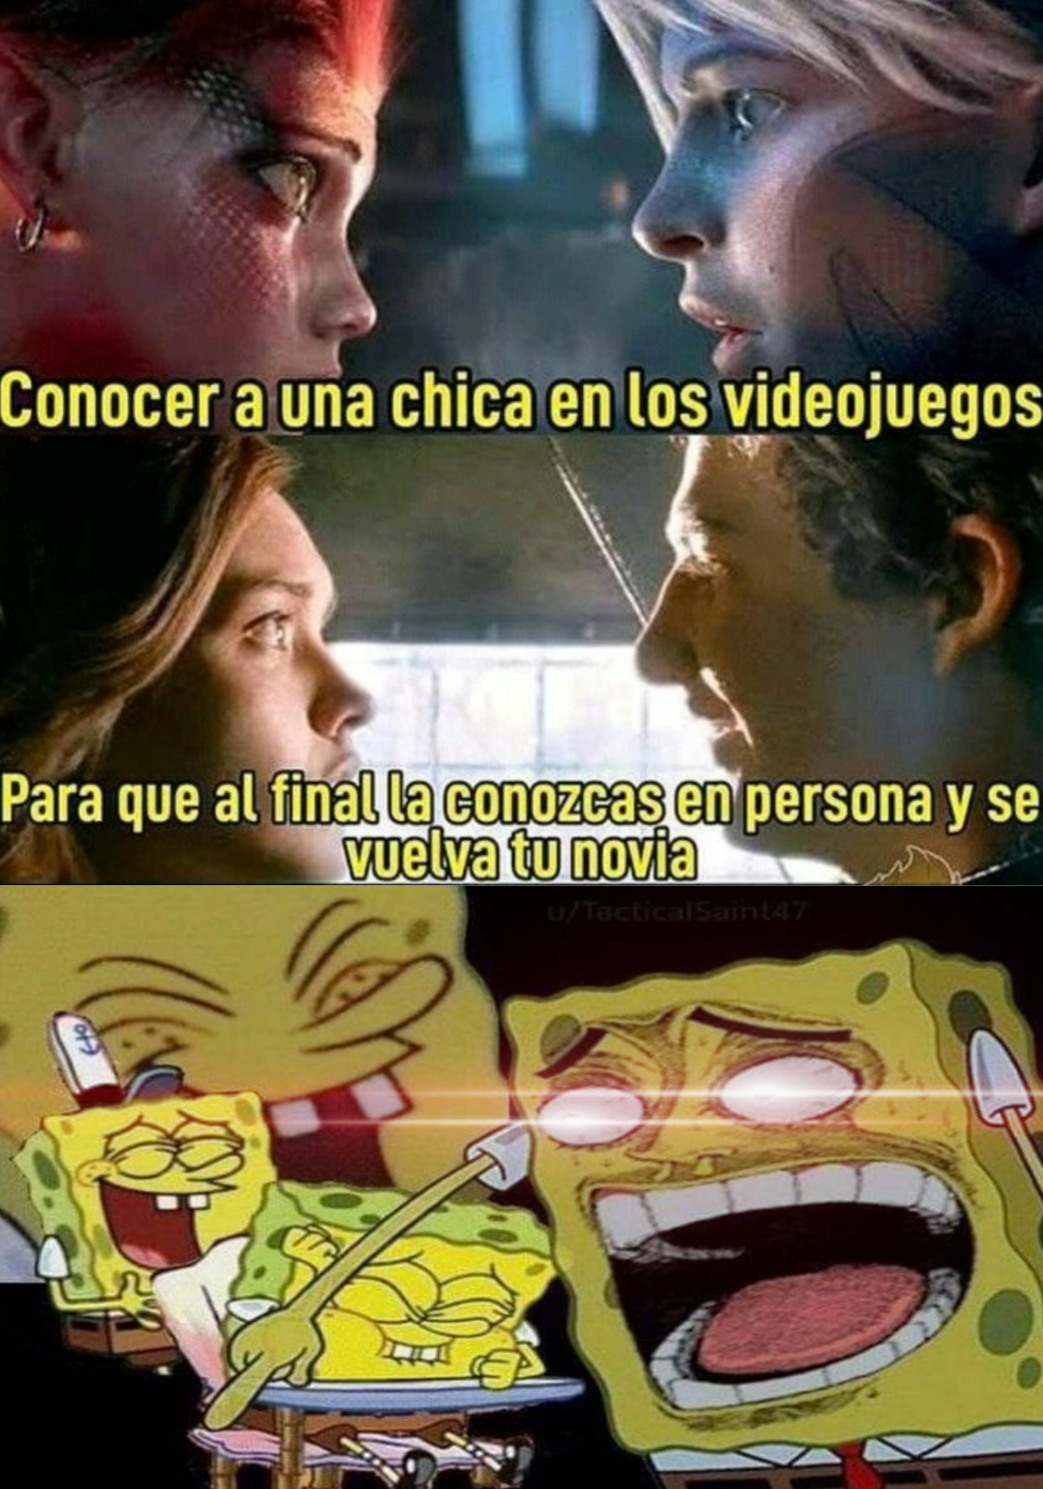 Virgo. - meme